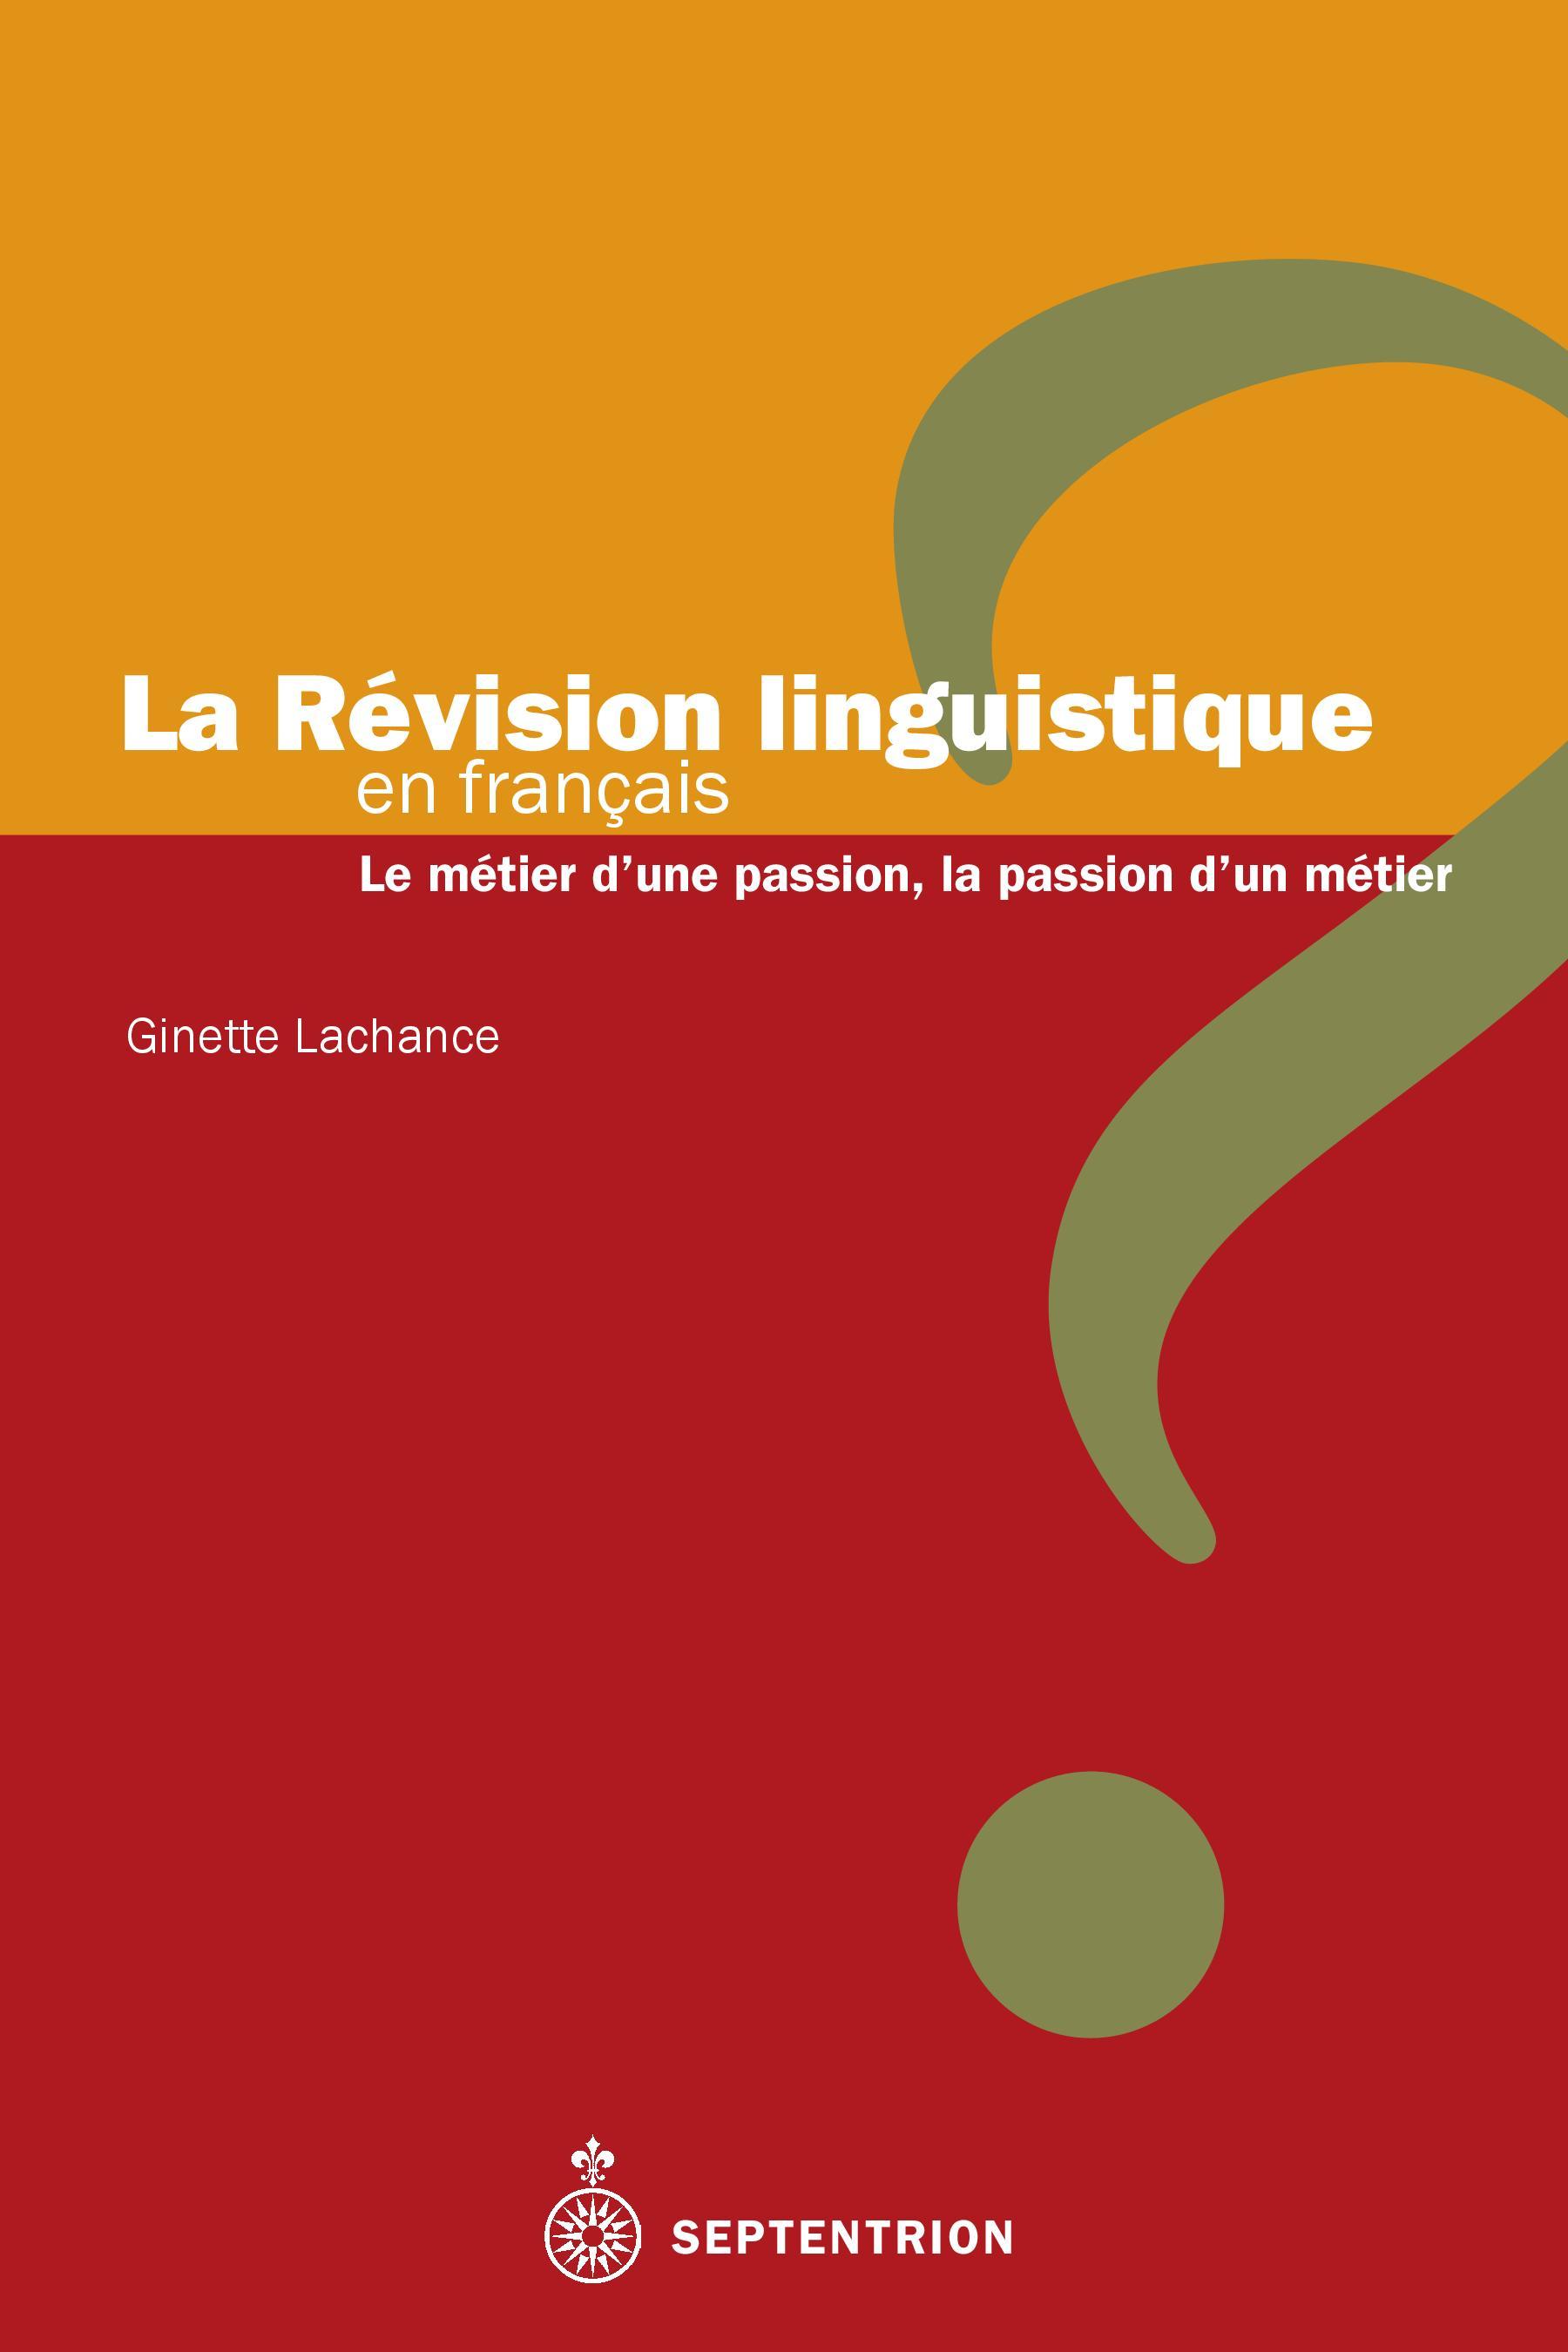 La Révision linguistique en français